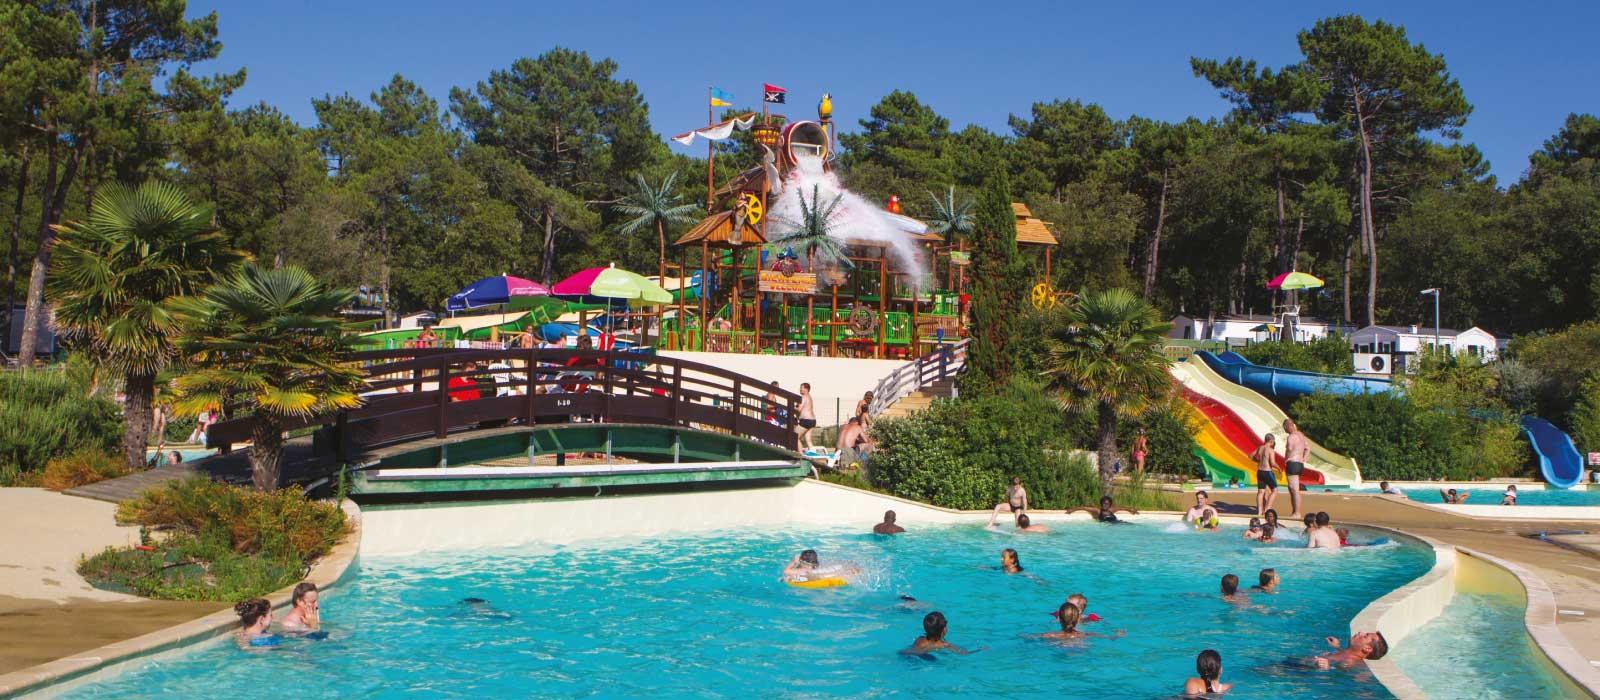 Le parc aquatique avec toboggans dans e camping Côte d'Argent à Hourtin